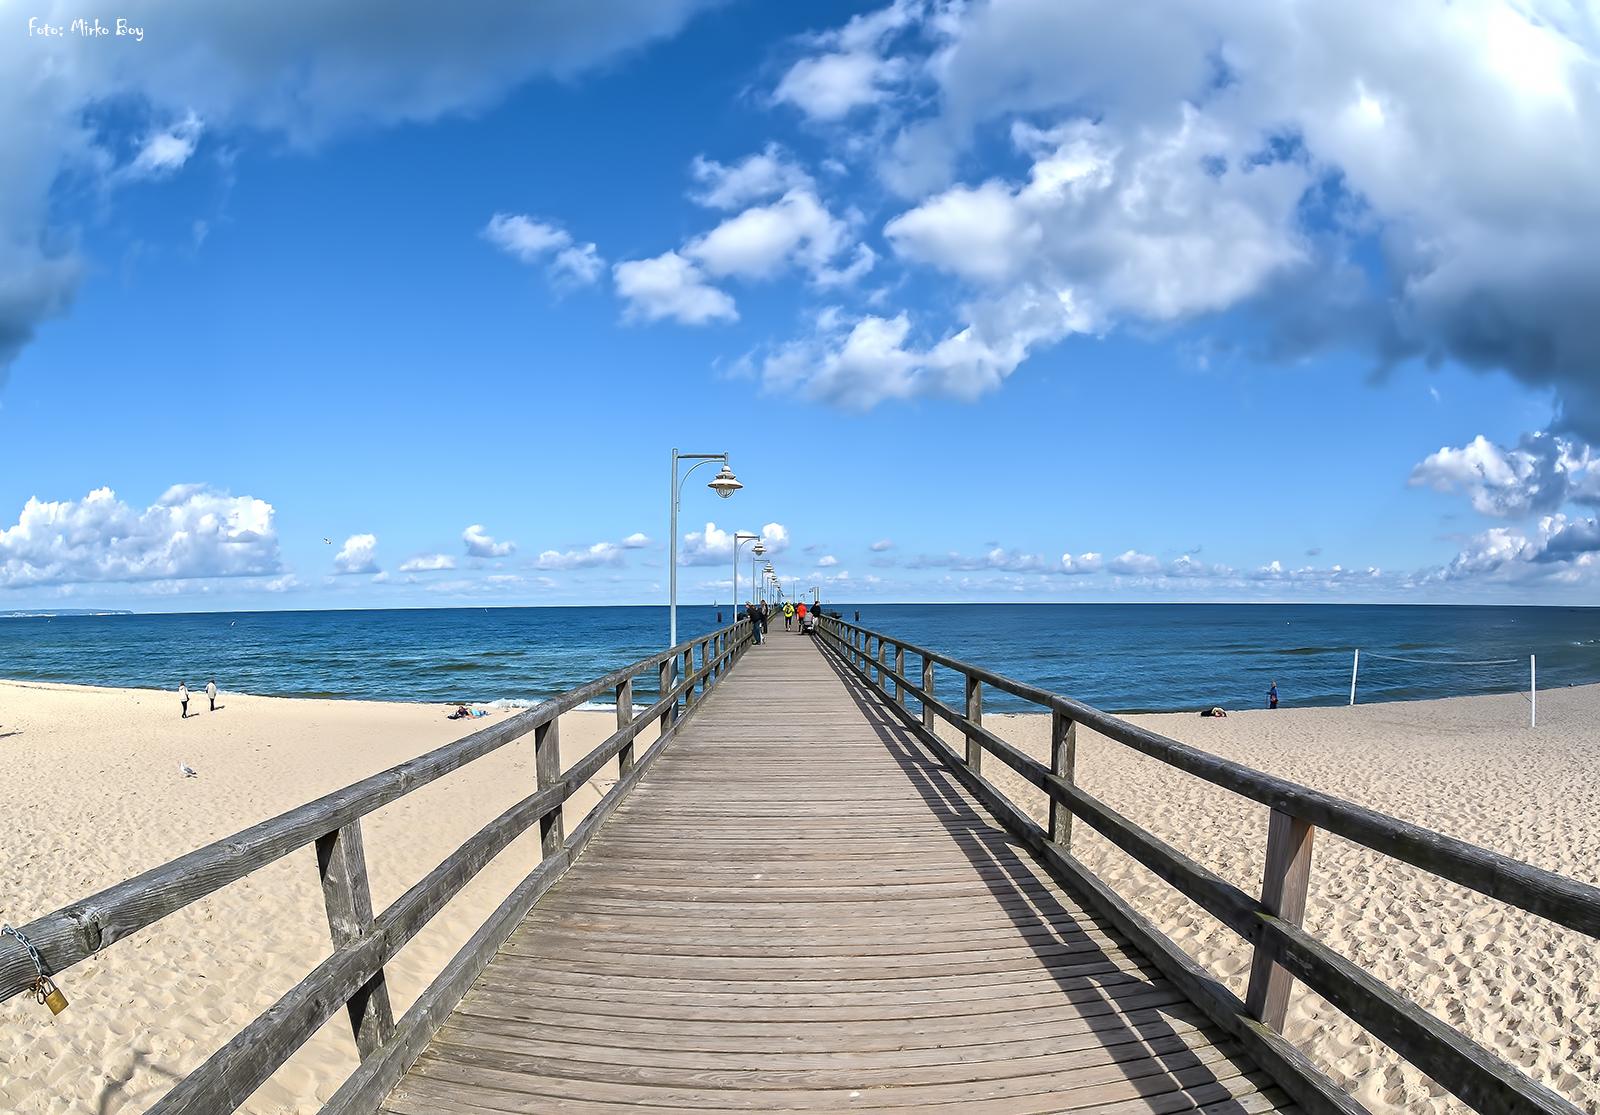 Seebrücke.Org